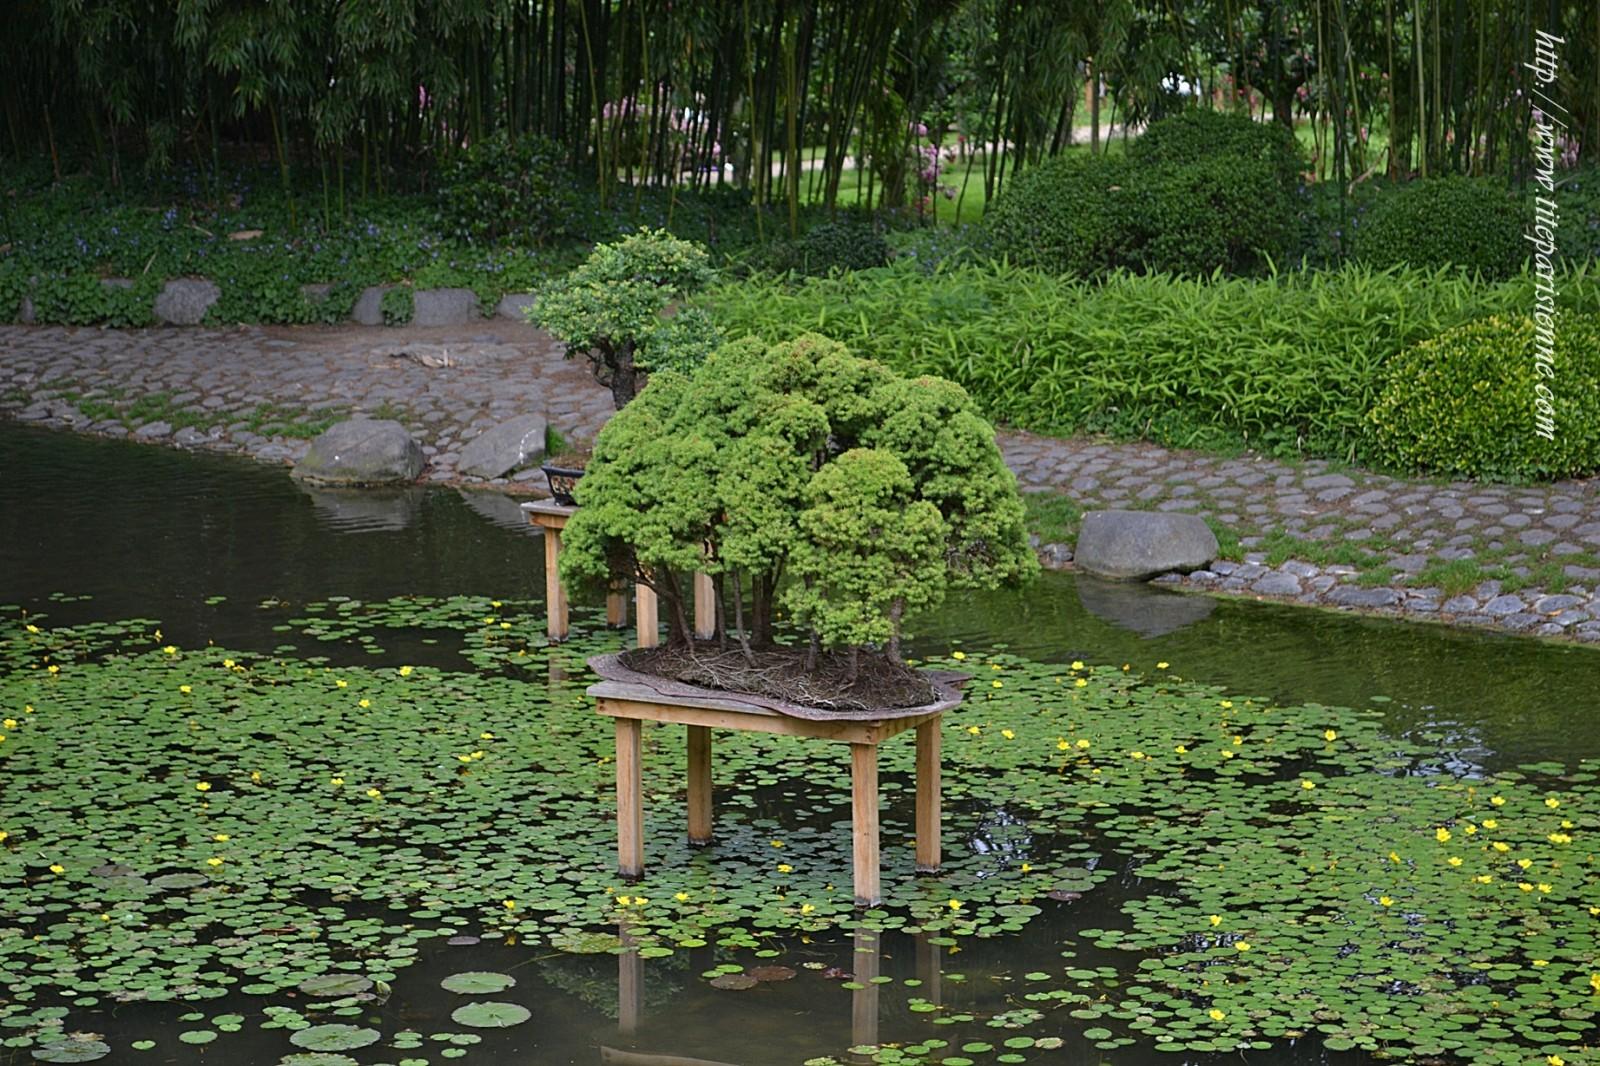 Jardins albert kahn le jardin japonais une fleur de paris for Le jardin hivernal du off paris seine